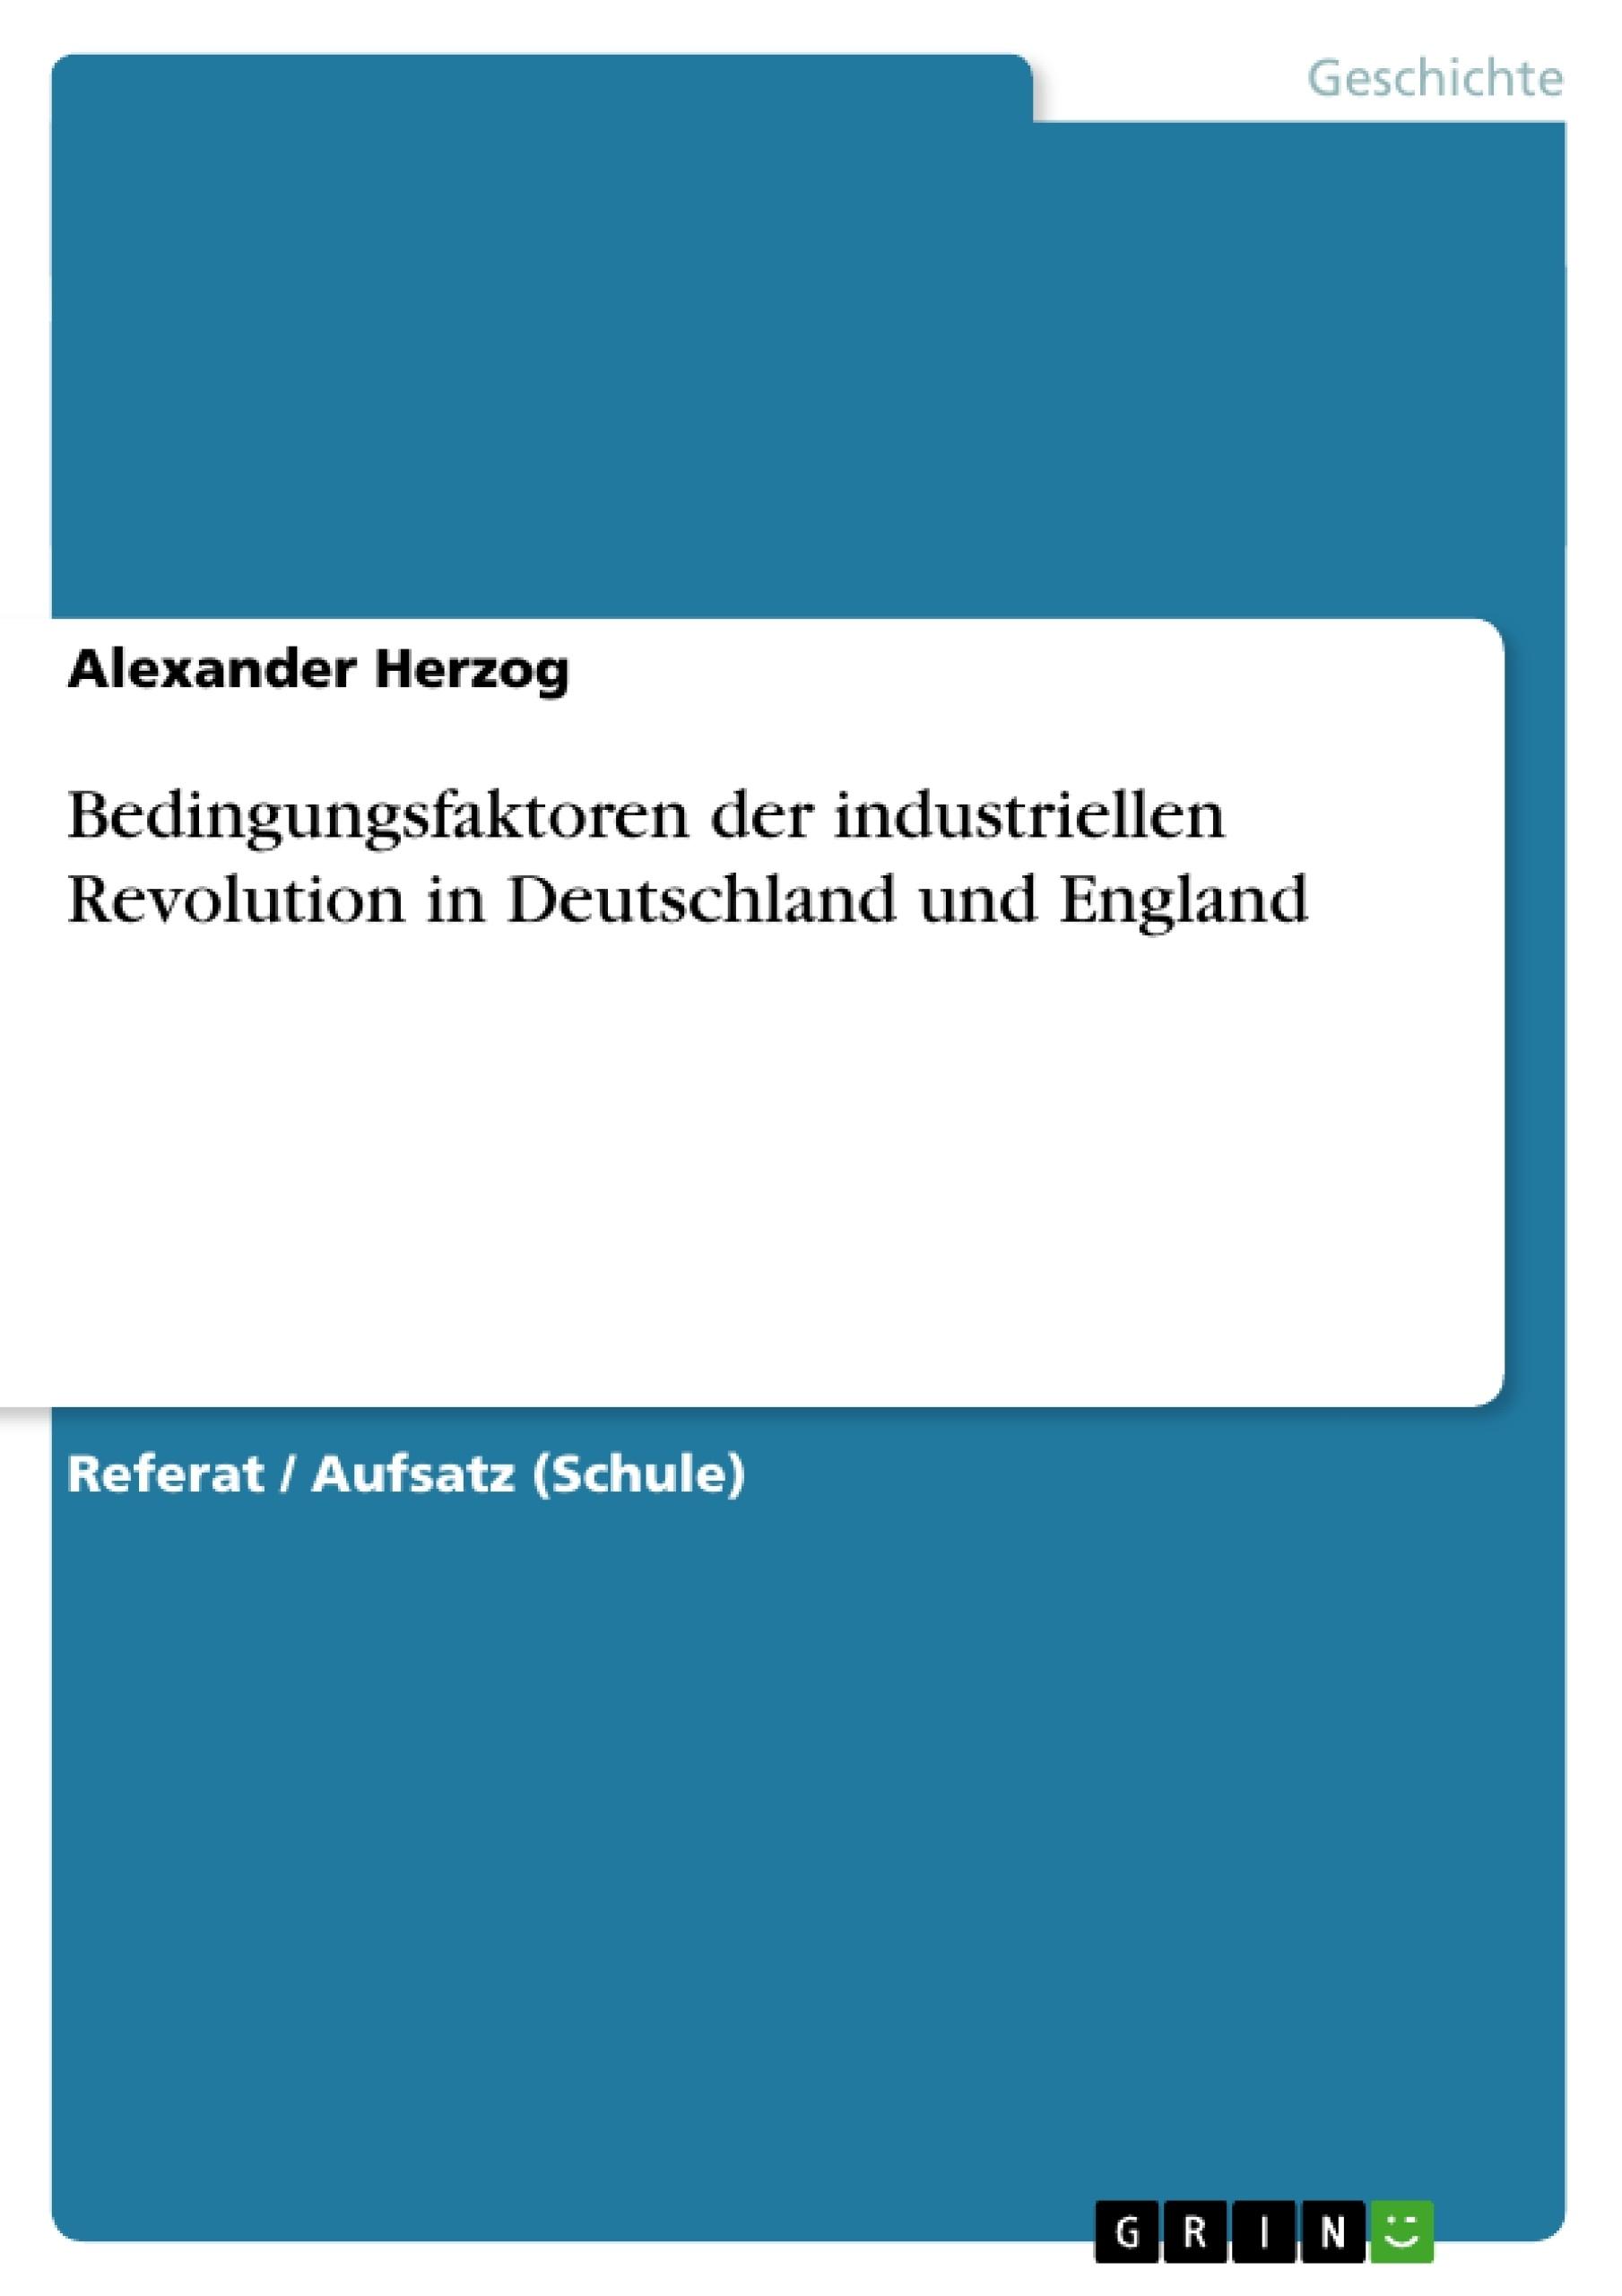 Titel: Bedingungsfaktoren der industriellen Revolution in Deutschland und England